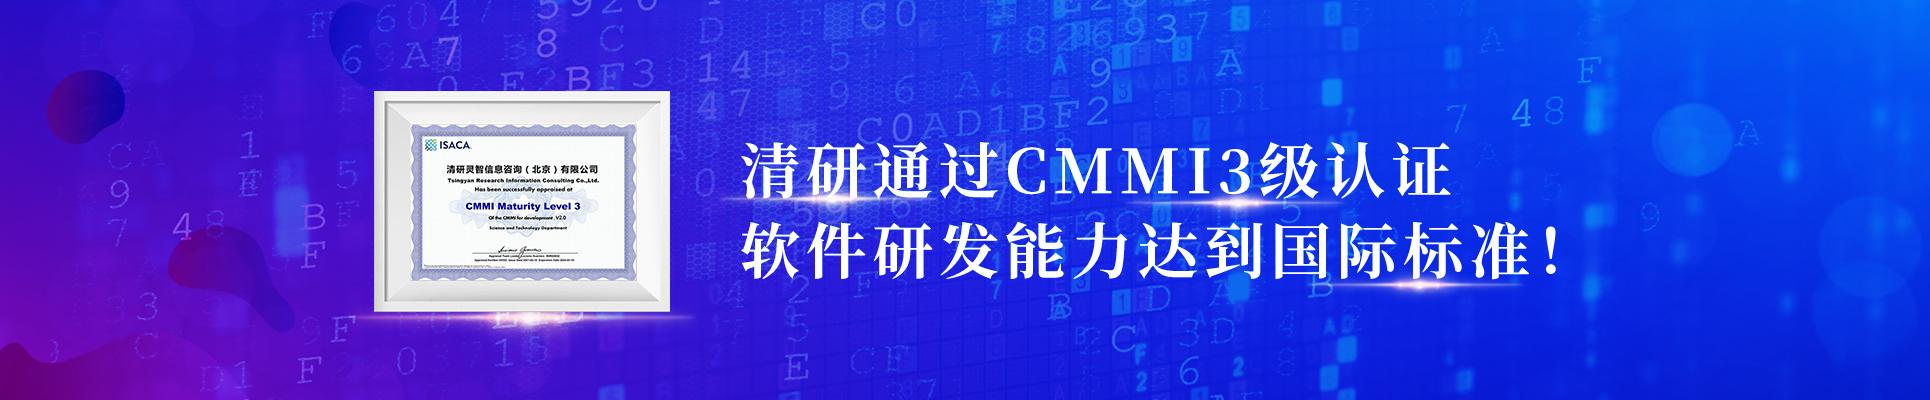 清研通过CMMI3级认证,软件研发能力达到国际标准